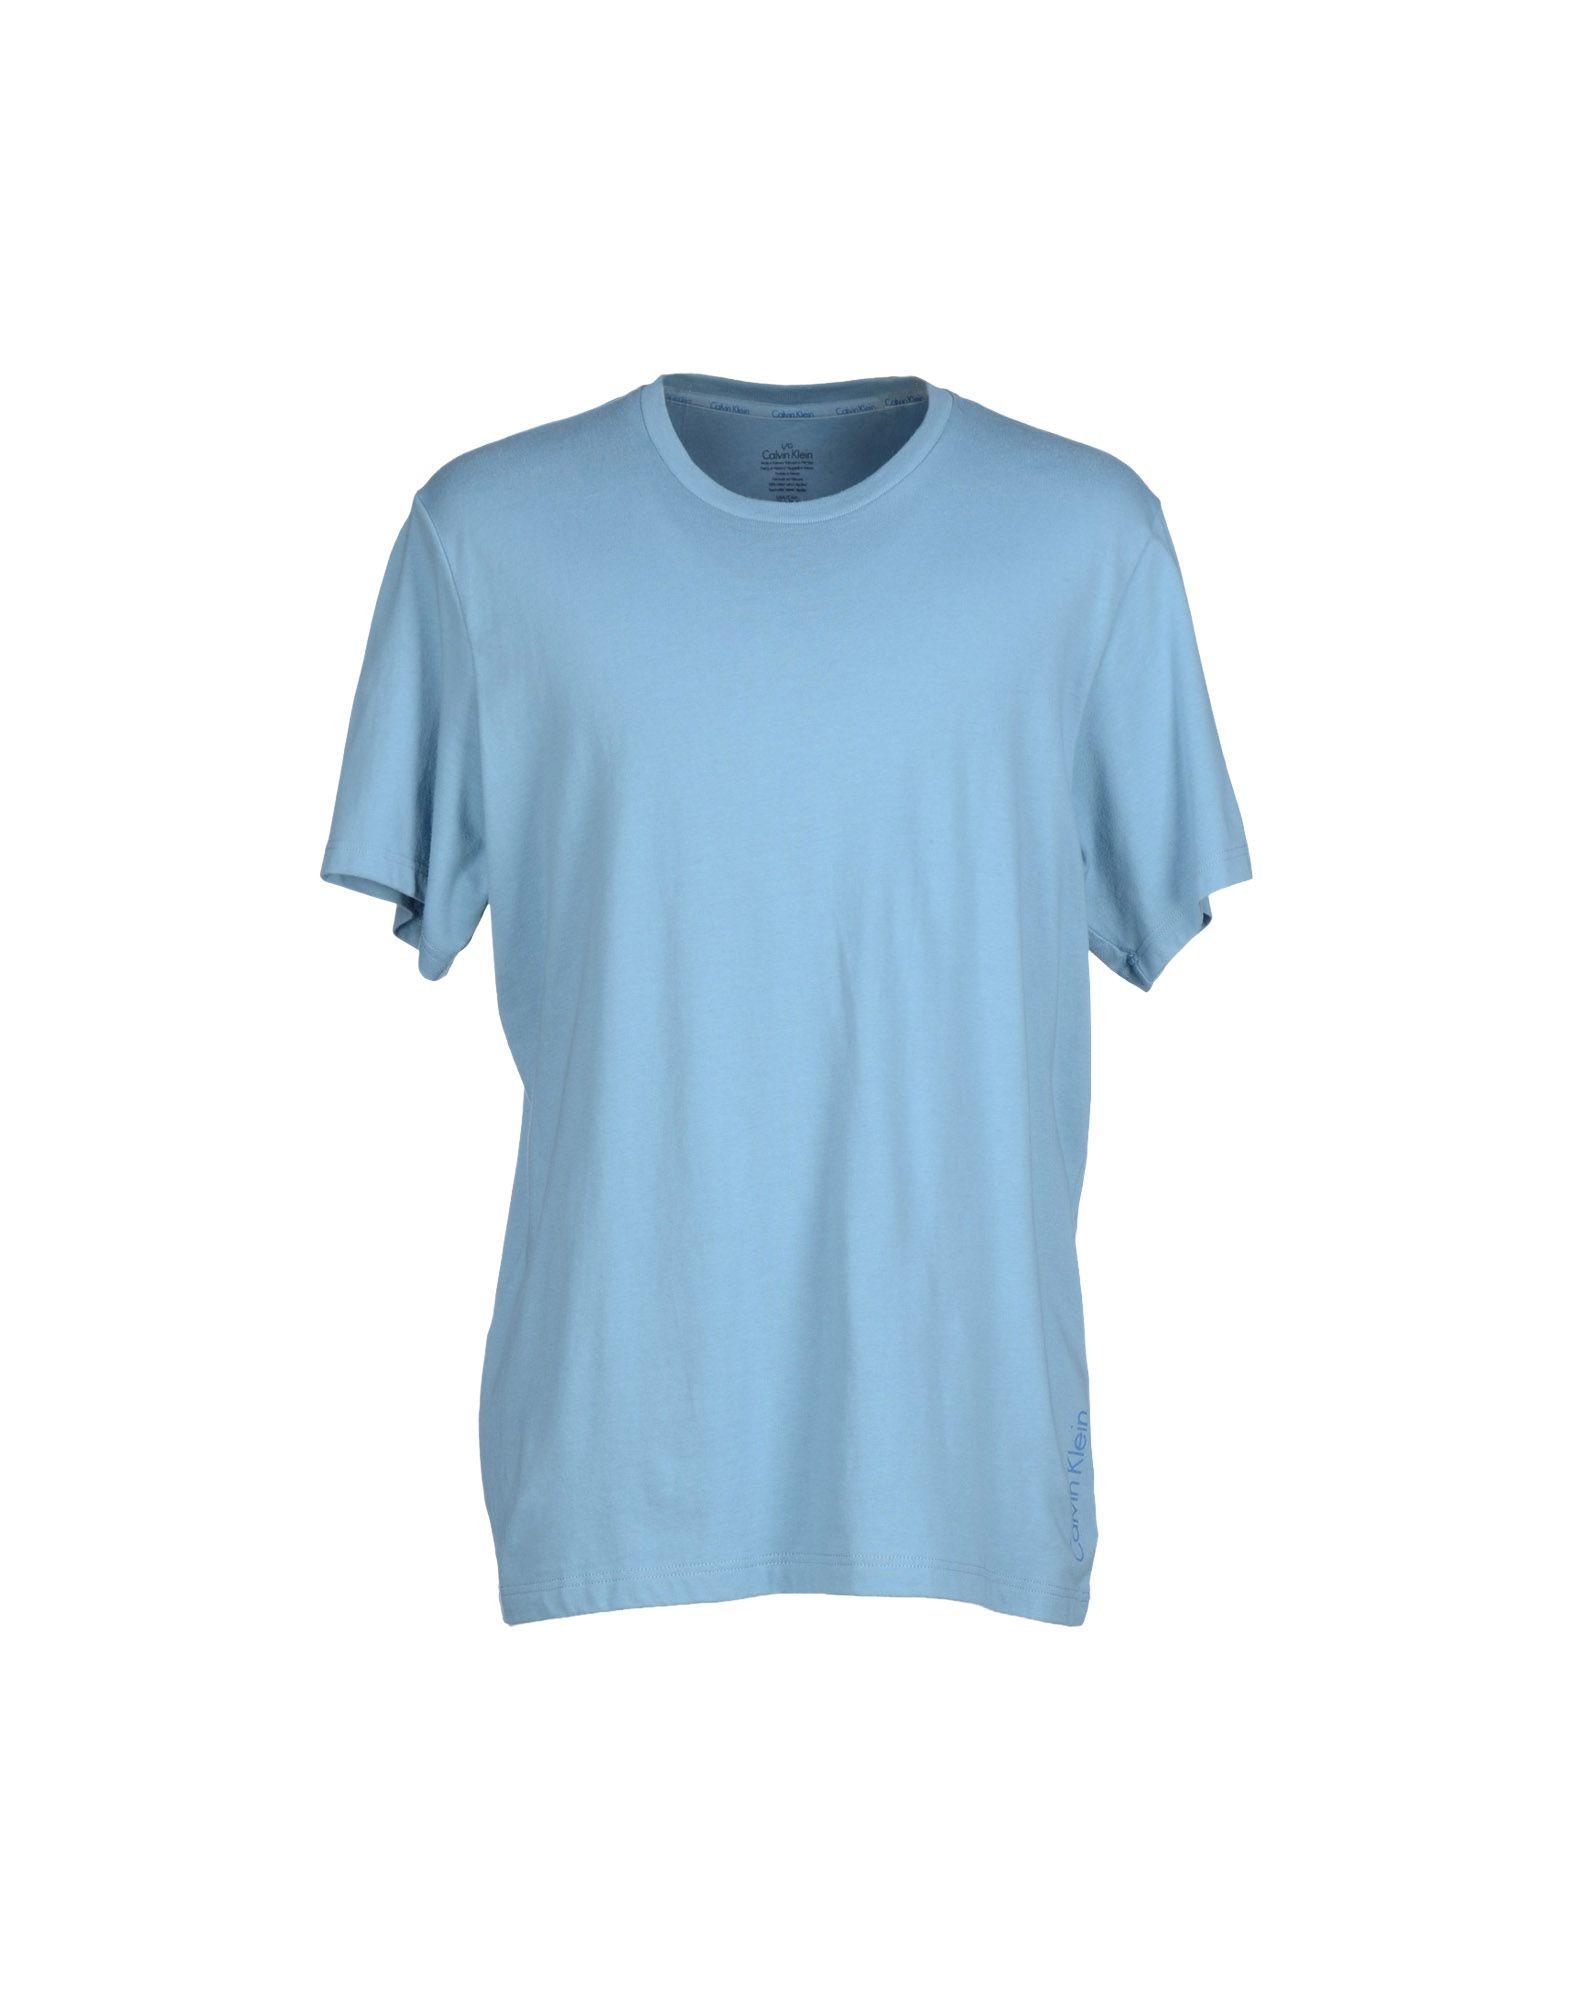 calvin klein t shirt in blue for men sky blue lyst. Black Bedroom Furniture Sets. Home Design Ideas